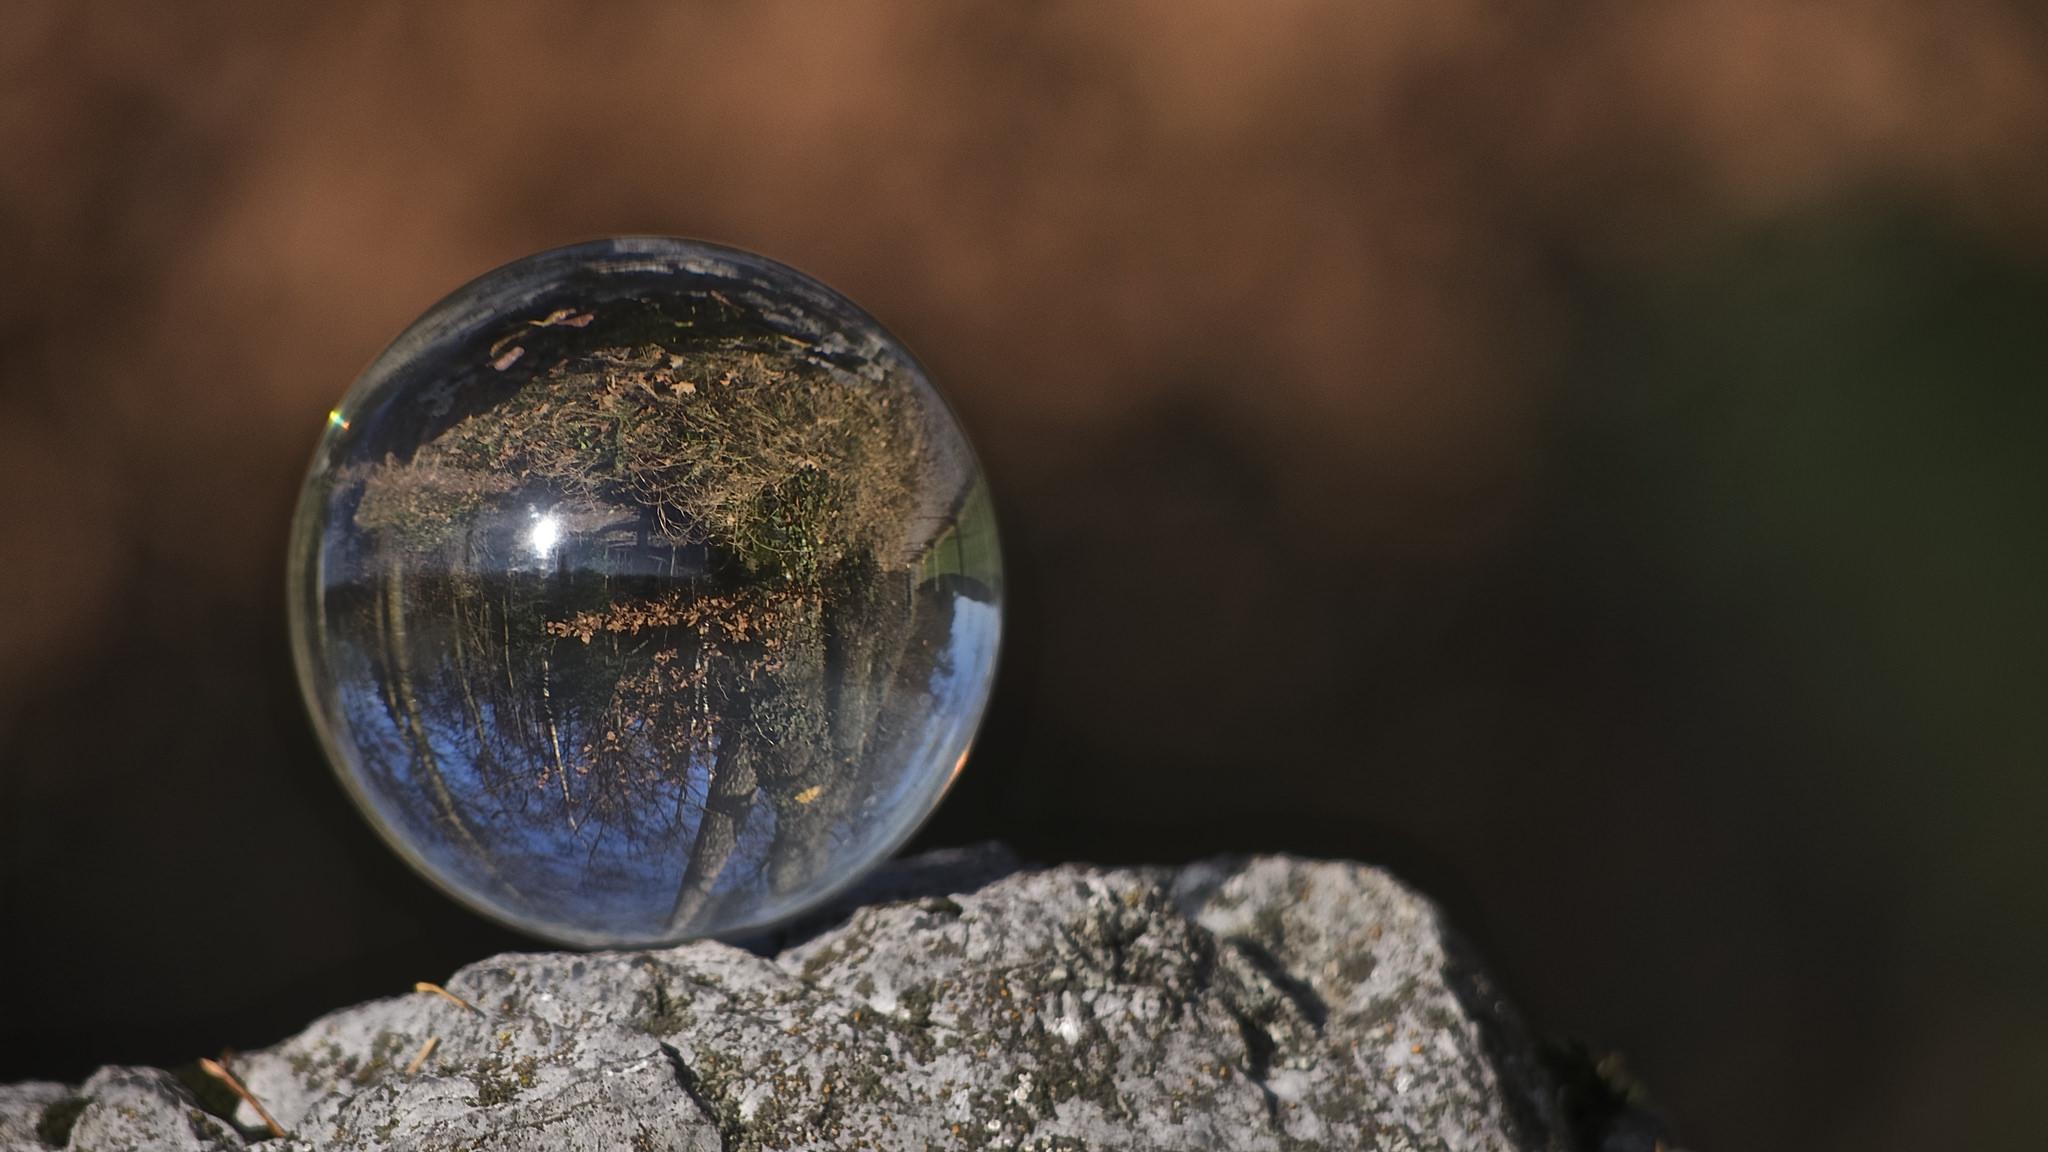 Una esfera transparente - 2048x1152